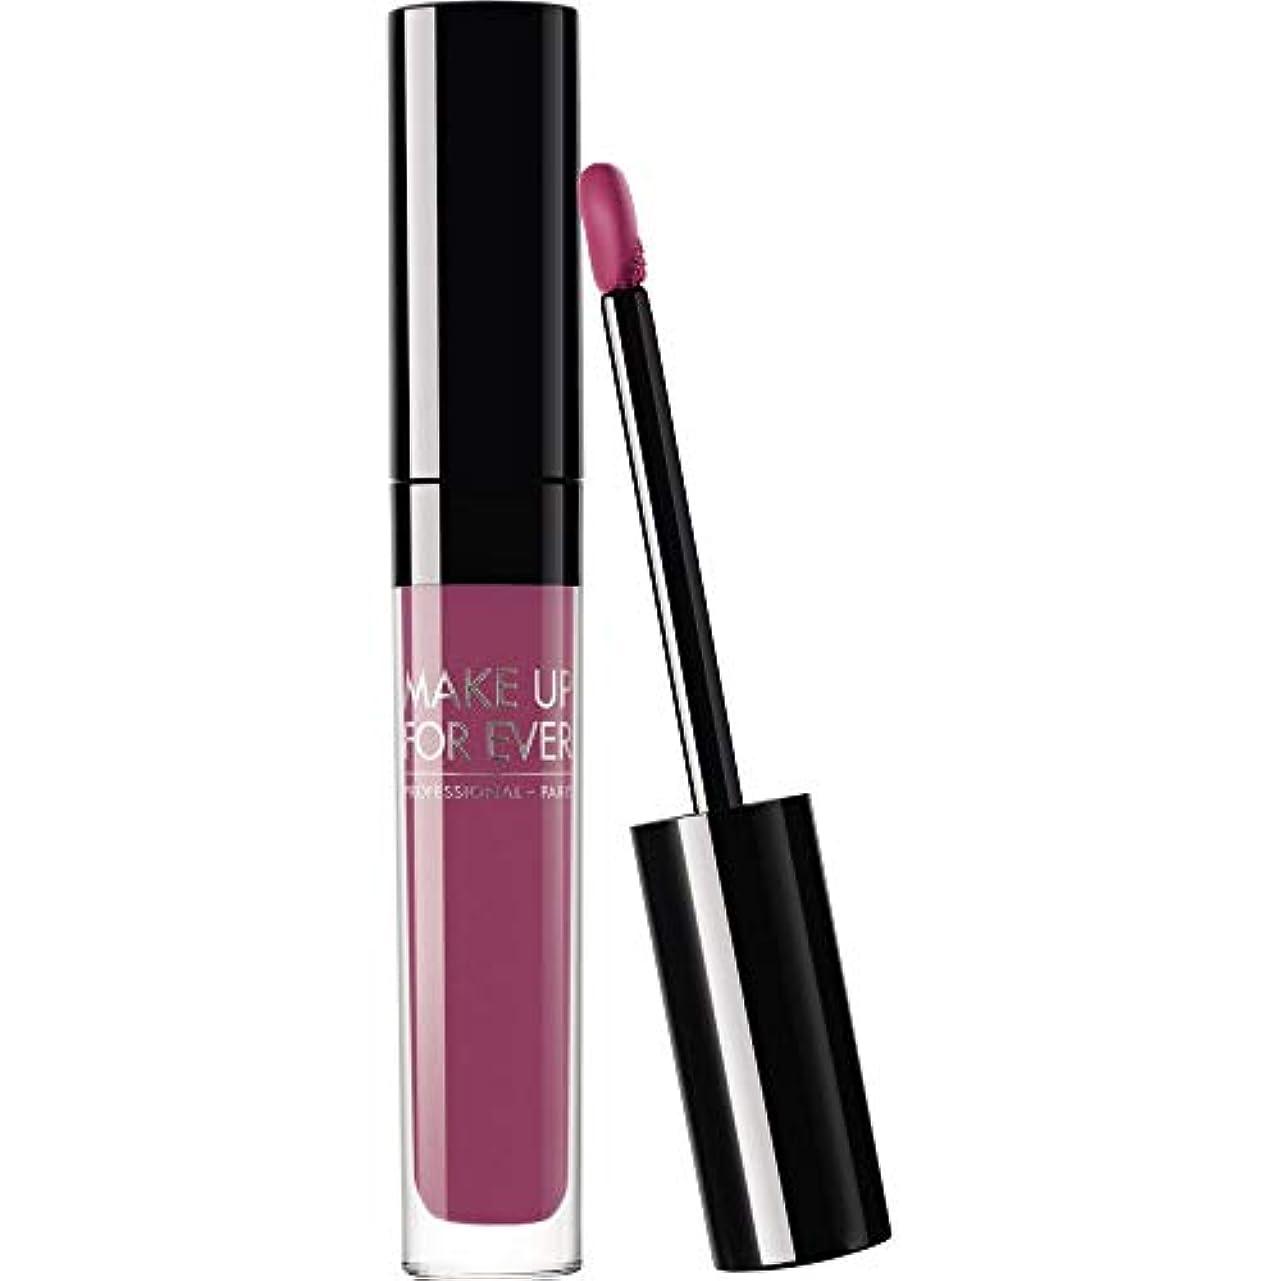 モバイルリテラシー追う[MAKE UP FOR EVER] 205 2.5ミリリットル、これまでアーティストの液体マットリップカラーを補う - Mauvyピンク - MAKE UP FOR EVER Artist Liquid Matte Lip Colour 2.5ml 205 - Mauvy Pink [並行輸入品]